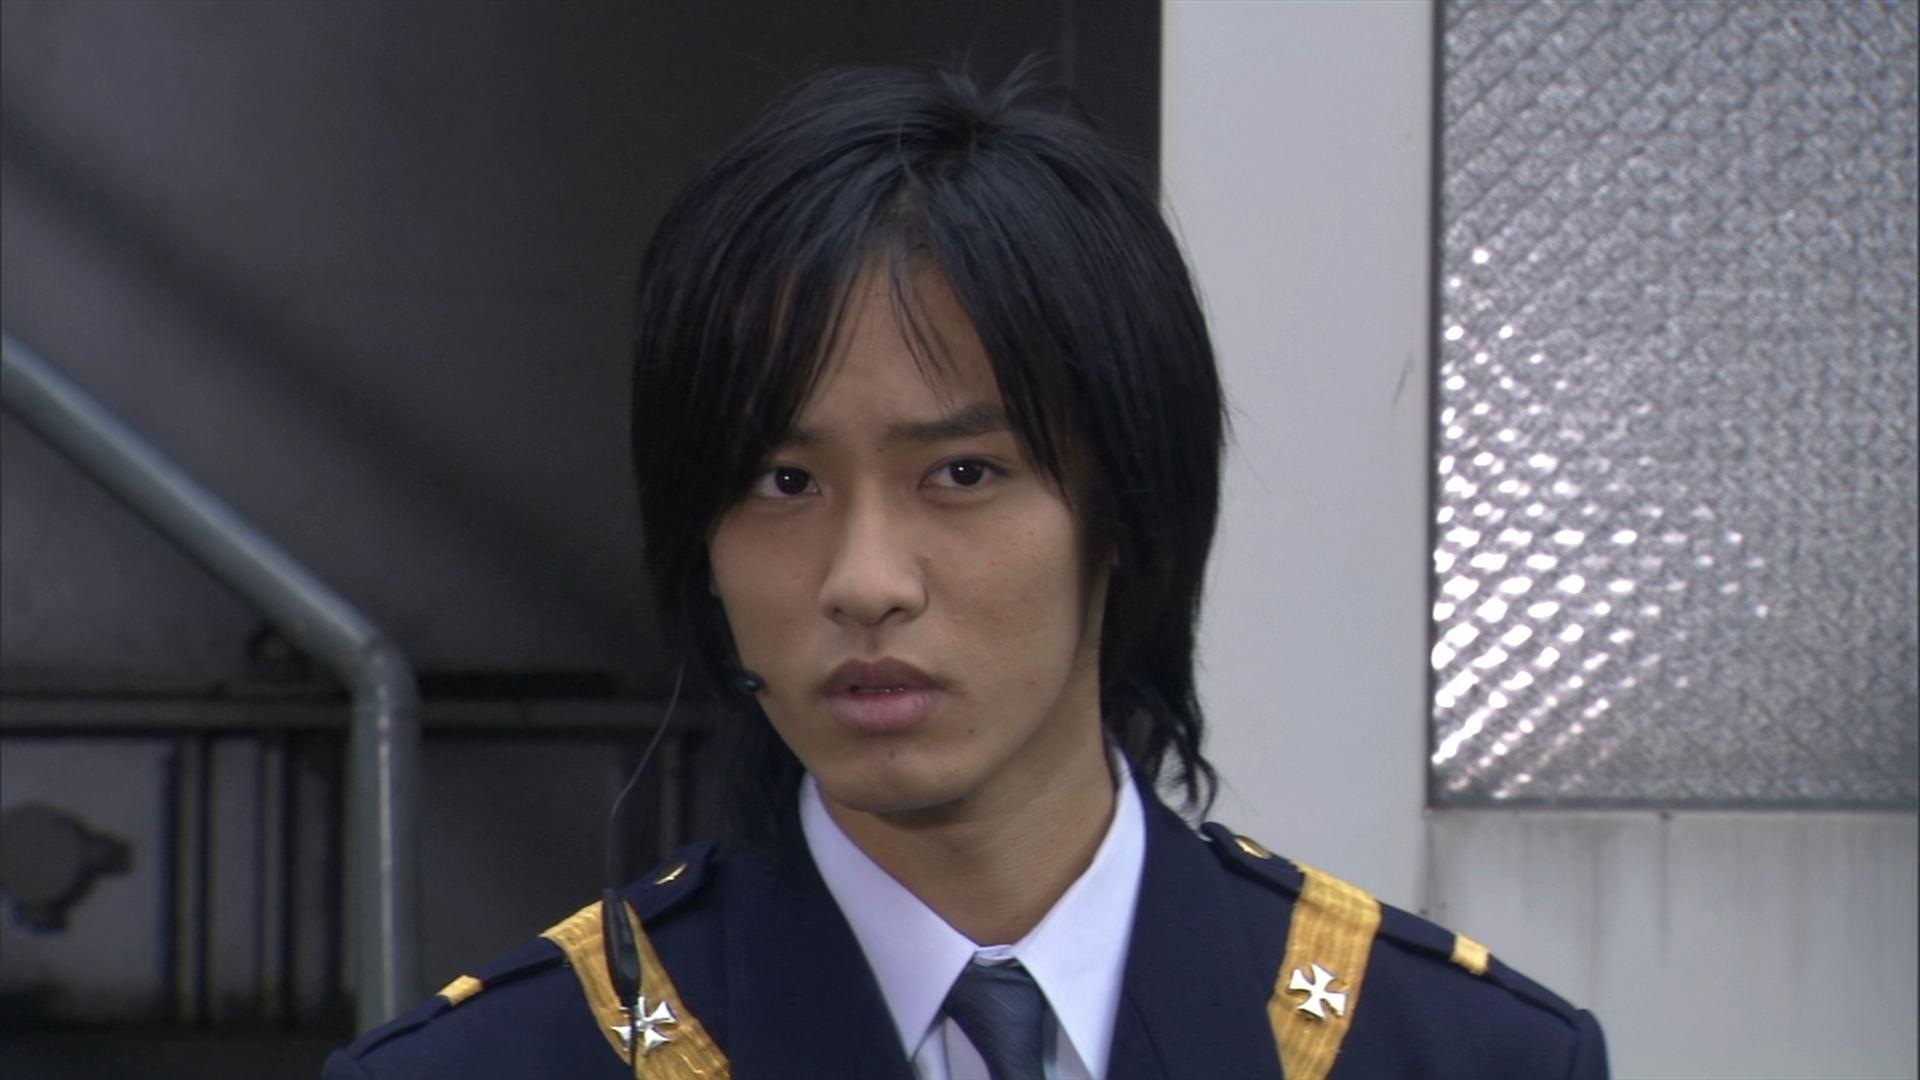 Daiki Kaito